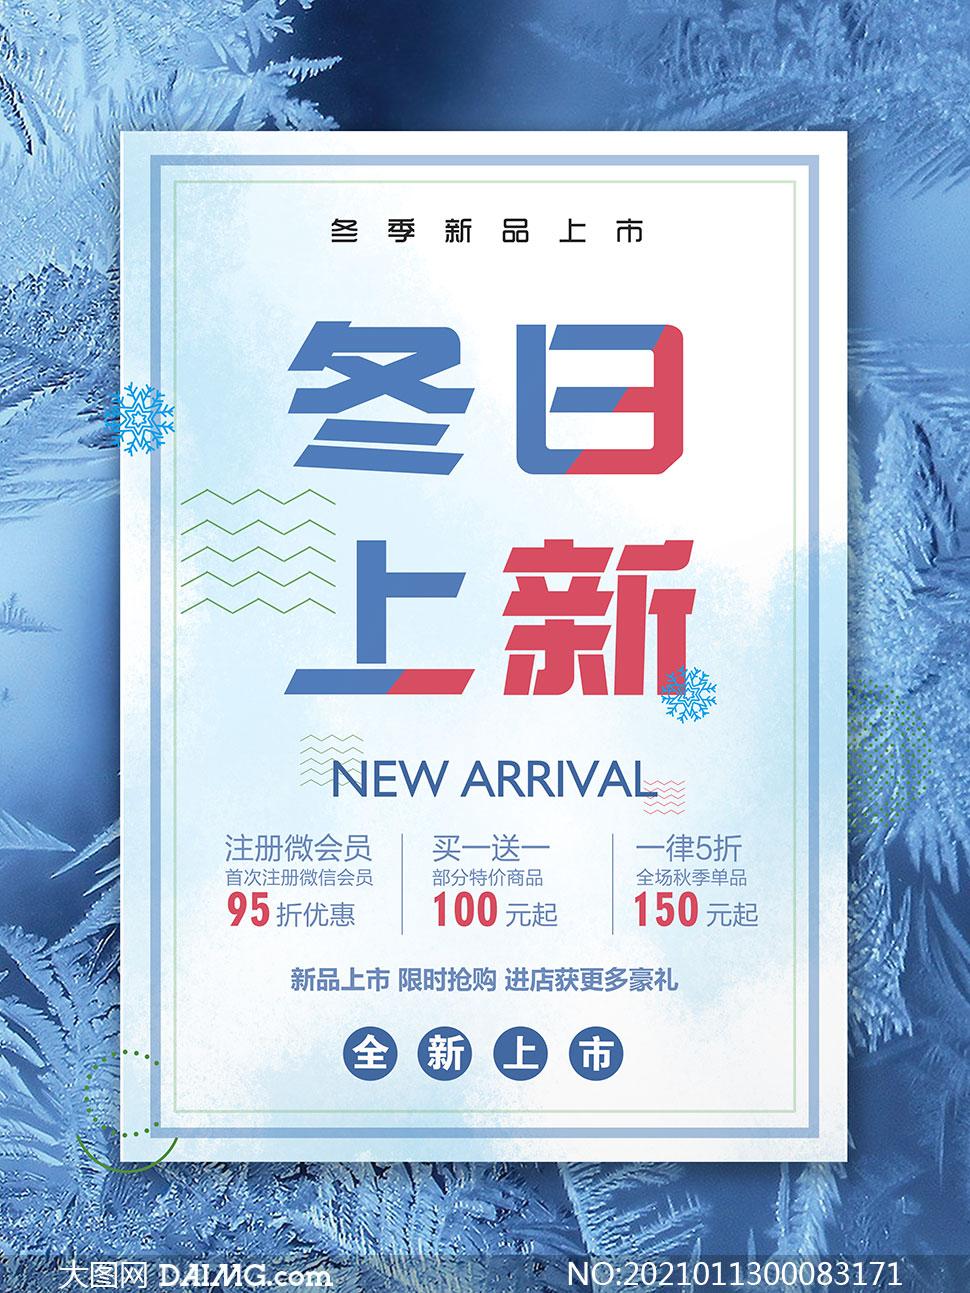 冬季新品上市限时抢购海报PSD素材